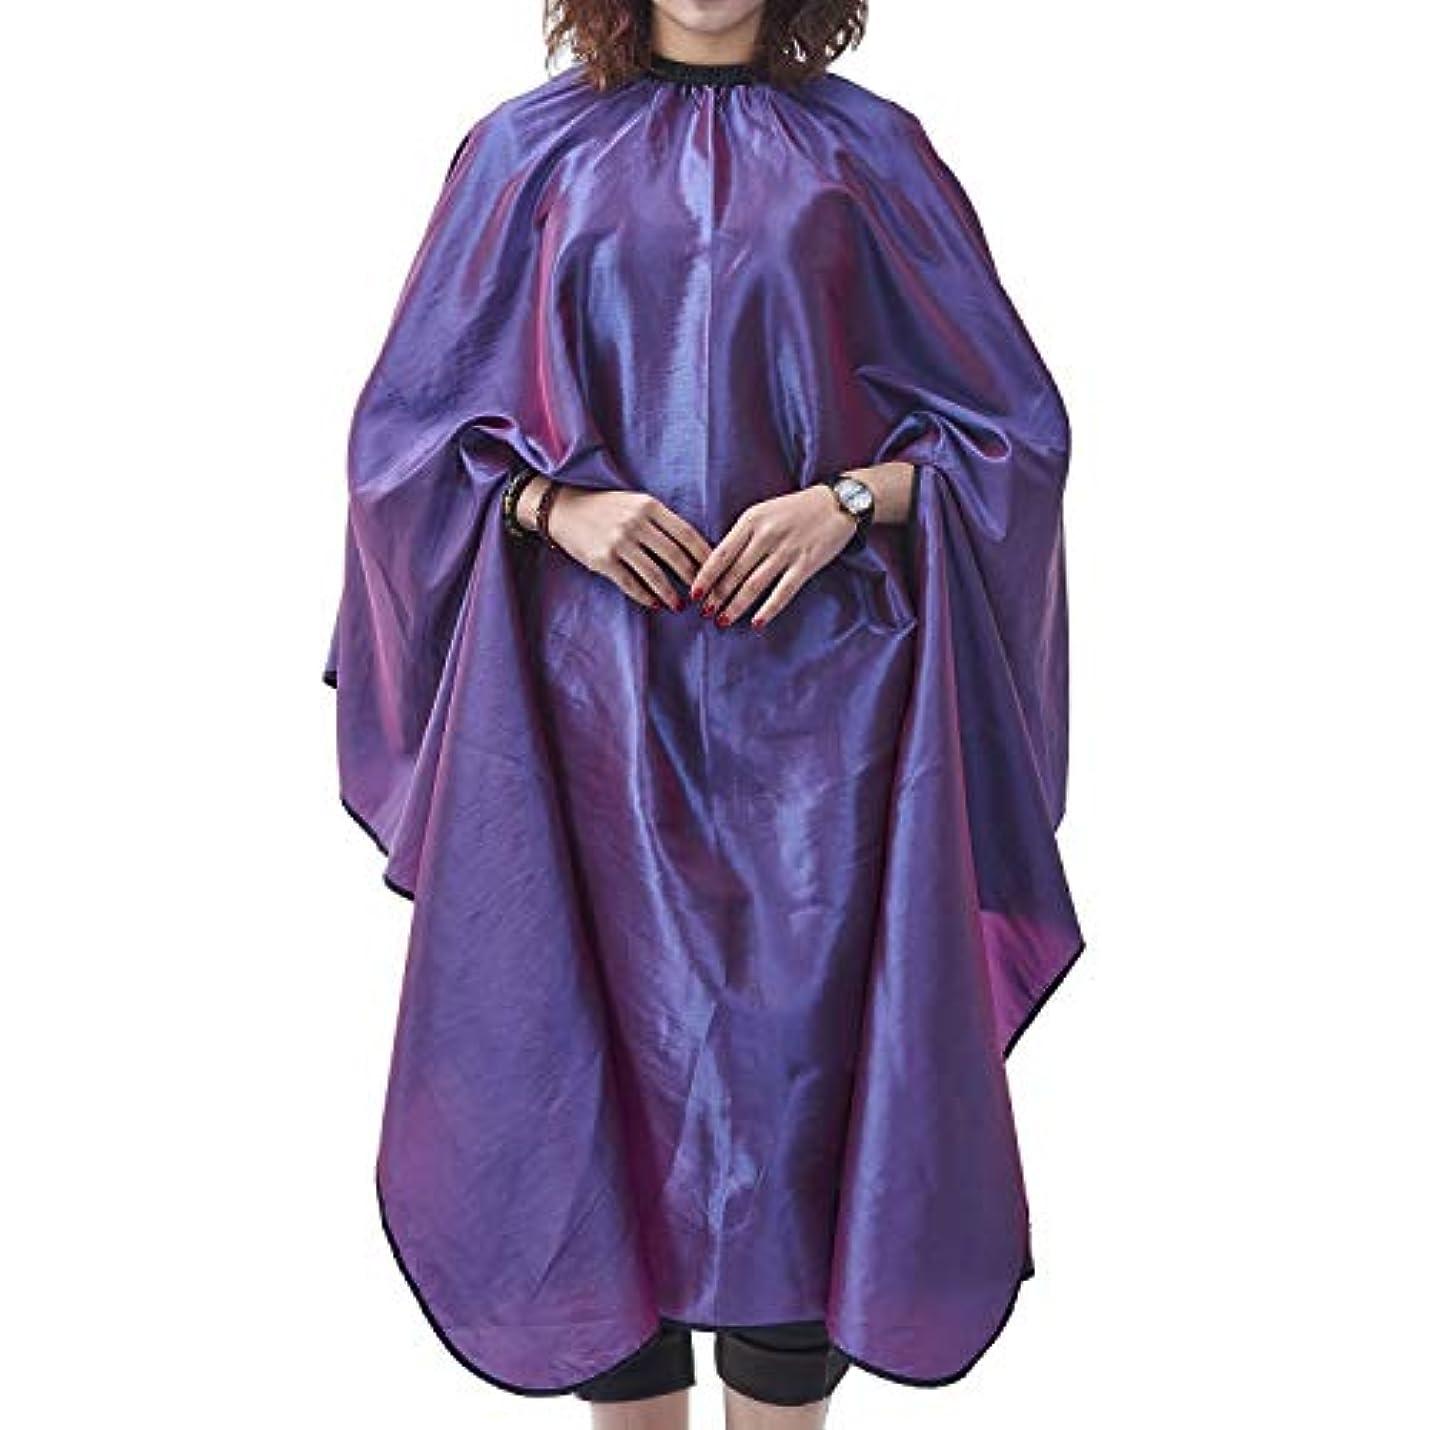 ジェーンオースティンスカート興味HIZLJJ サロンケープエプロンバーバーシャ??ンプーオイルスタイリングヘアカット美容師職業理髪店用品よだれかけ (Color : Purple)